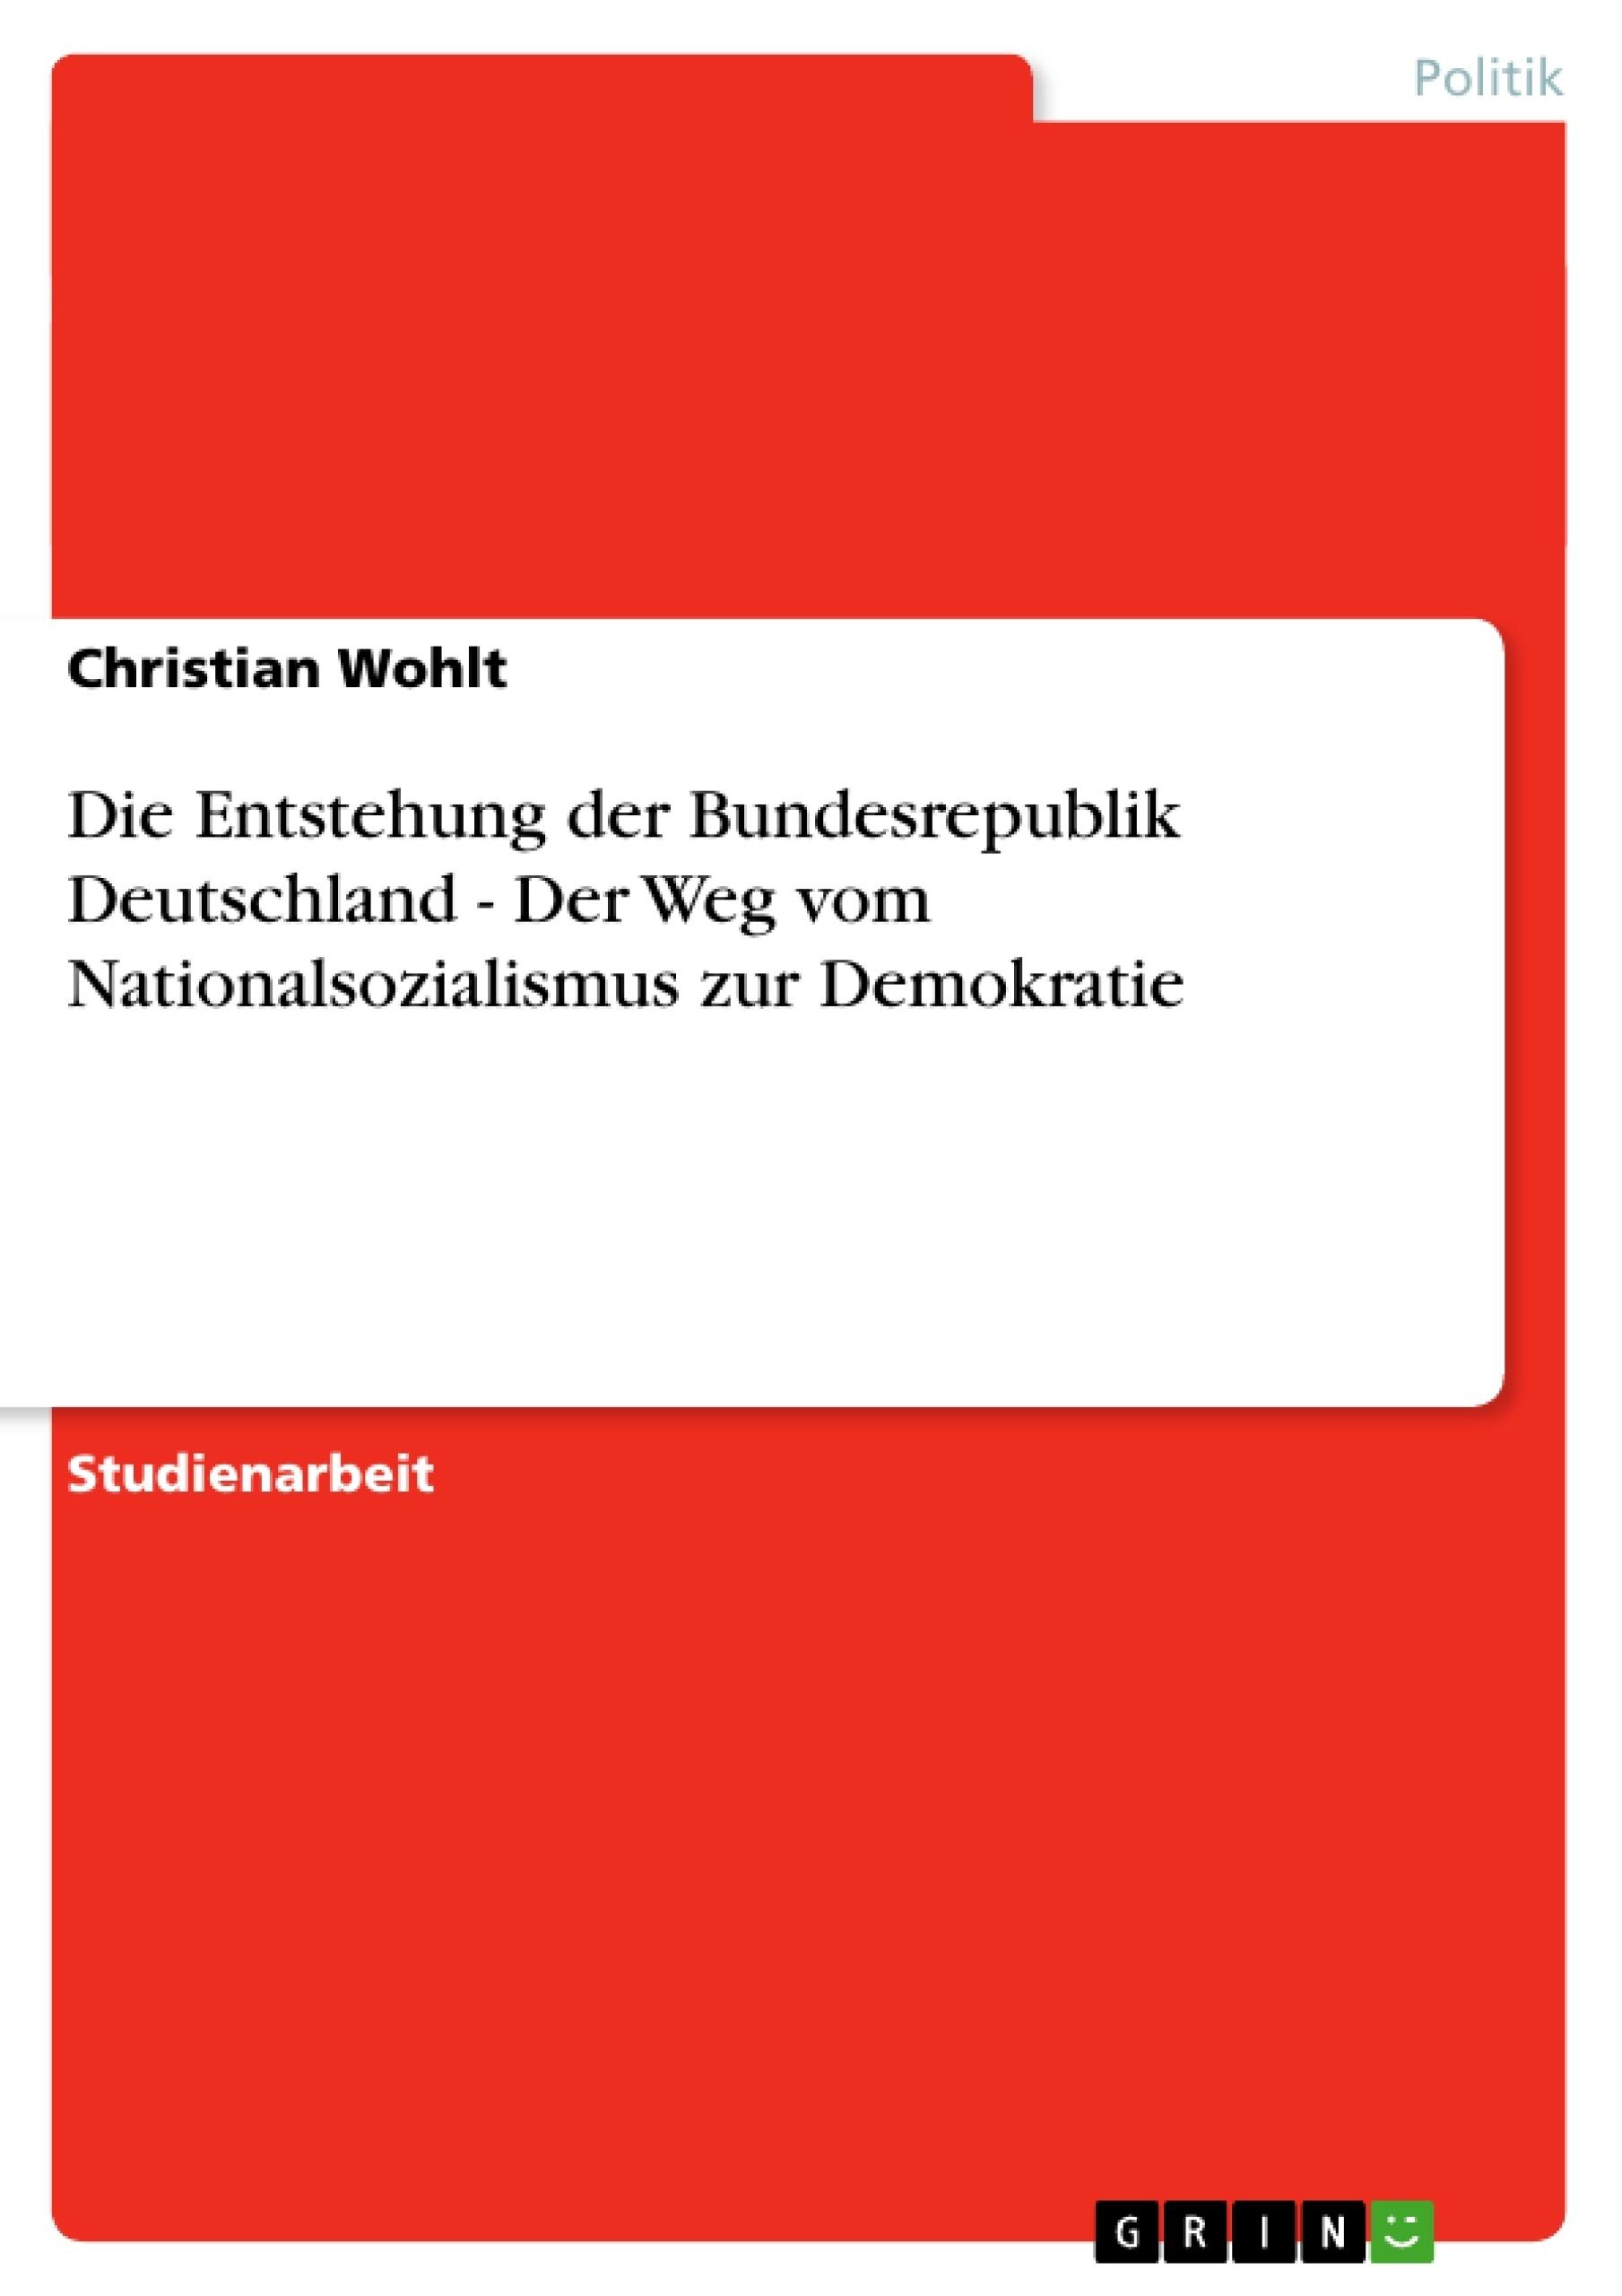 Titel: Die Entstehung der Bundesrepublik Deutschland - Der Weg vom Nationalsozialismus zur Demokratie